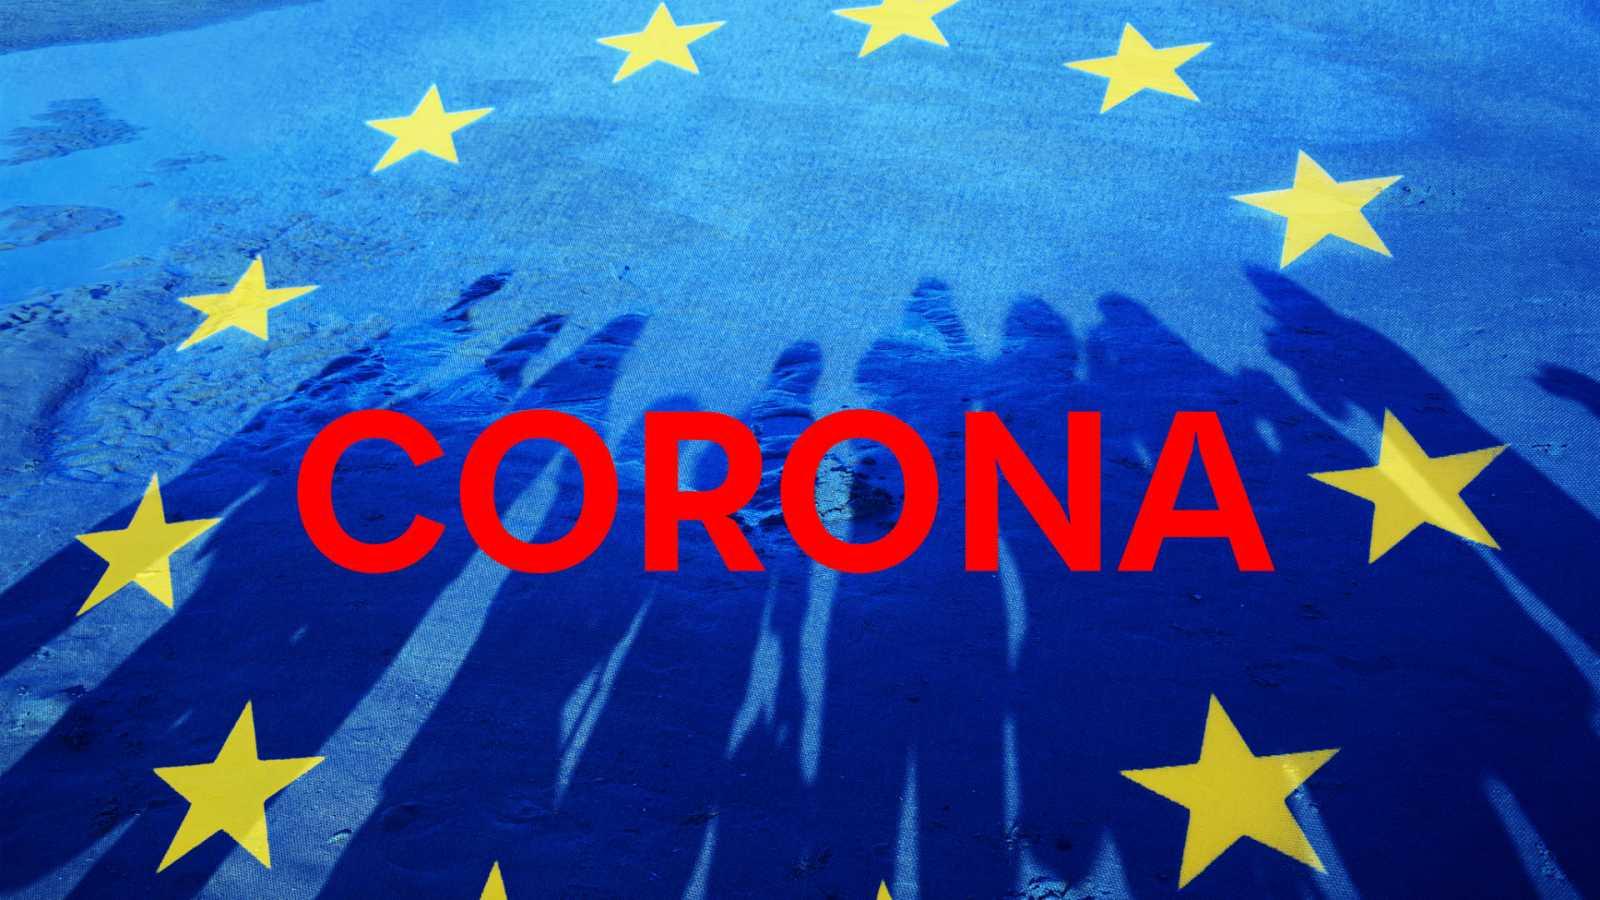 Europa abierta en Radio 5 coronavirus -  El día de Europa más diferente - 08/05/20 - Escuchar ahora